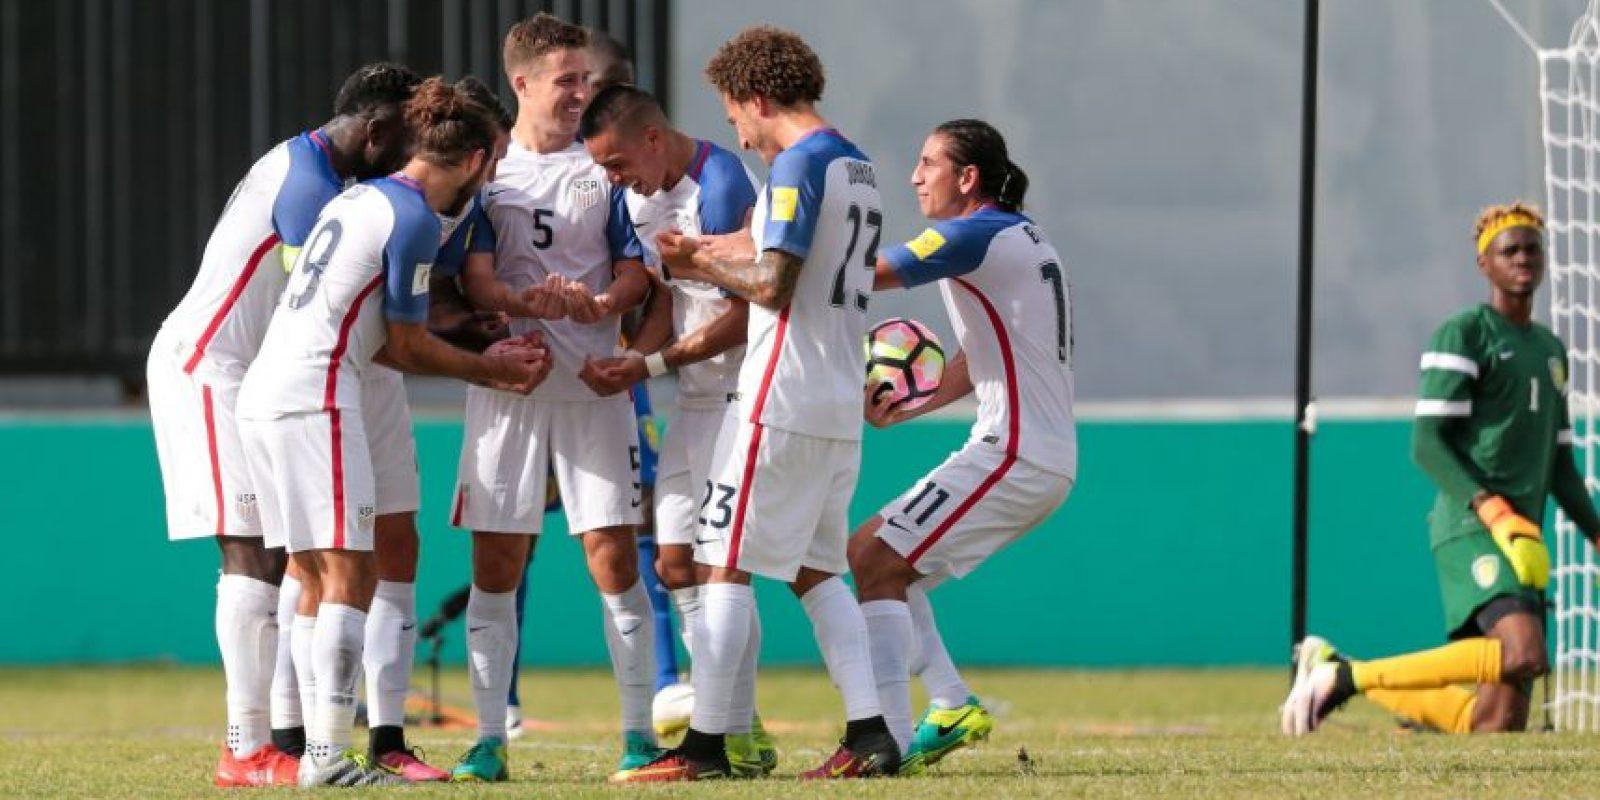 Foto:San Vicente y Las Granadinas vs. Estados Unidos 2016